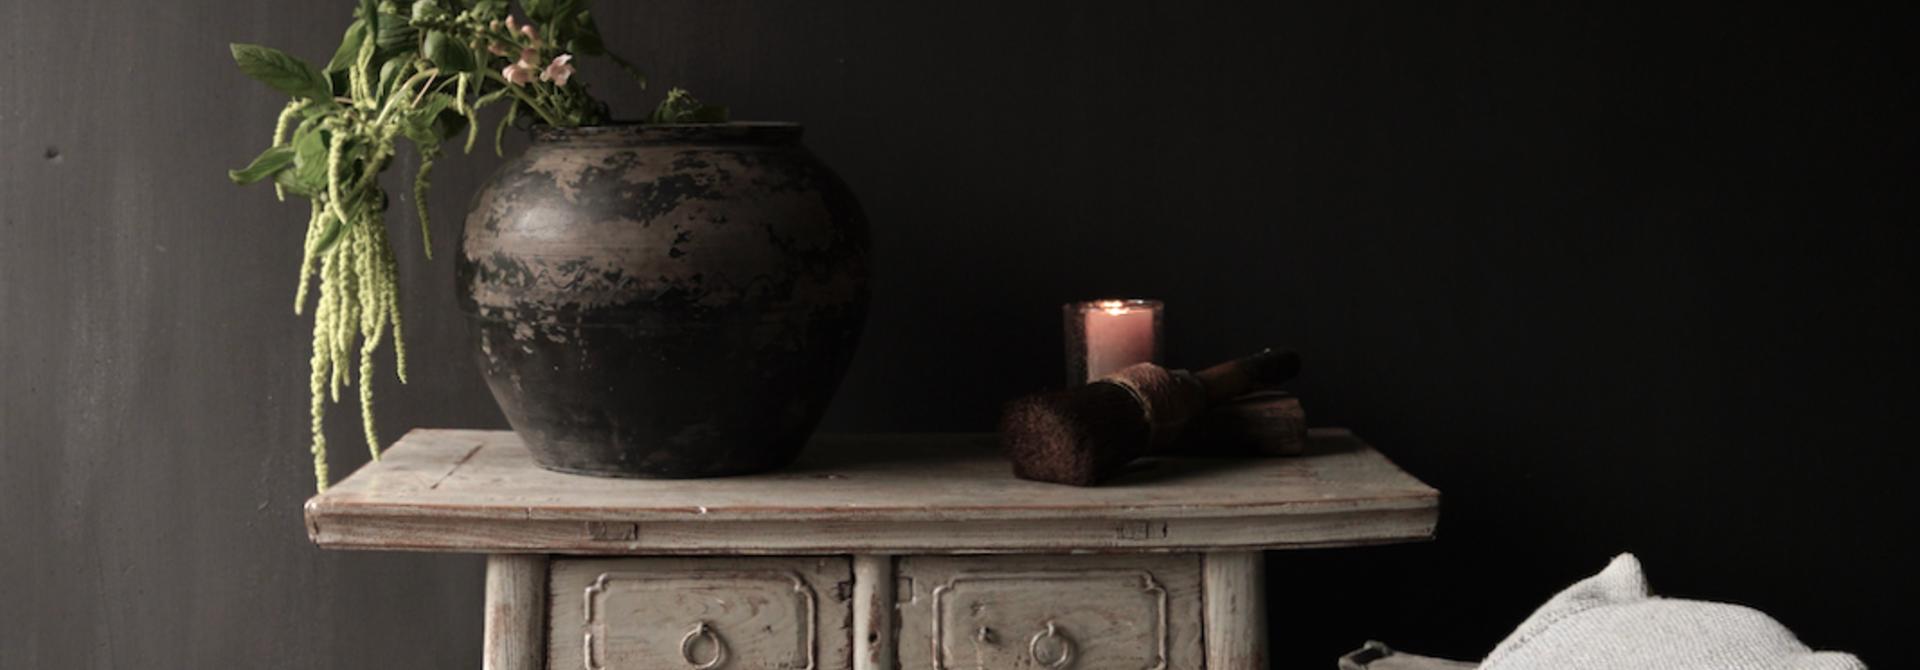 Authentisch Einzigartiger alter Wandtisch / Beistelltisch / Badezimmermöbel mit grau lackierten Schubladen